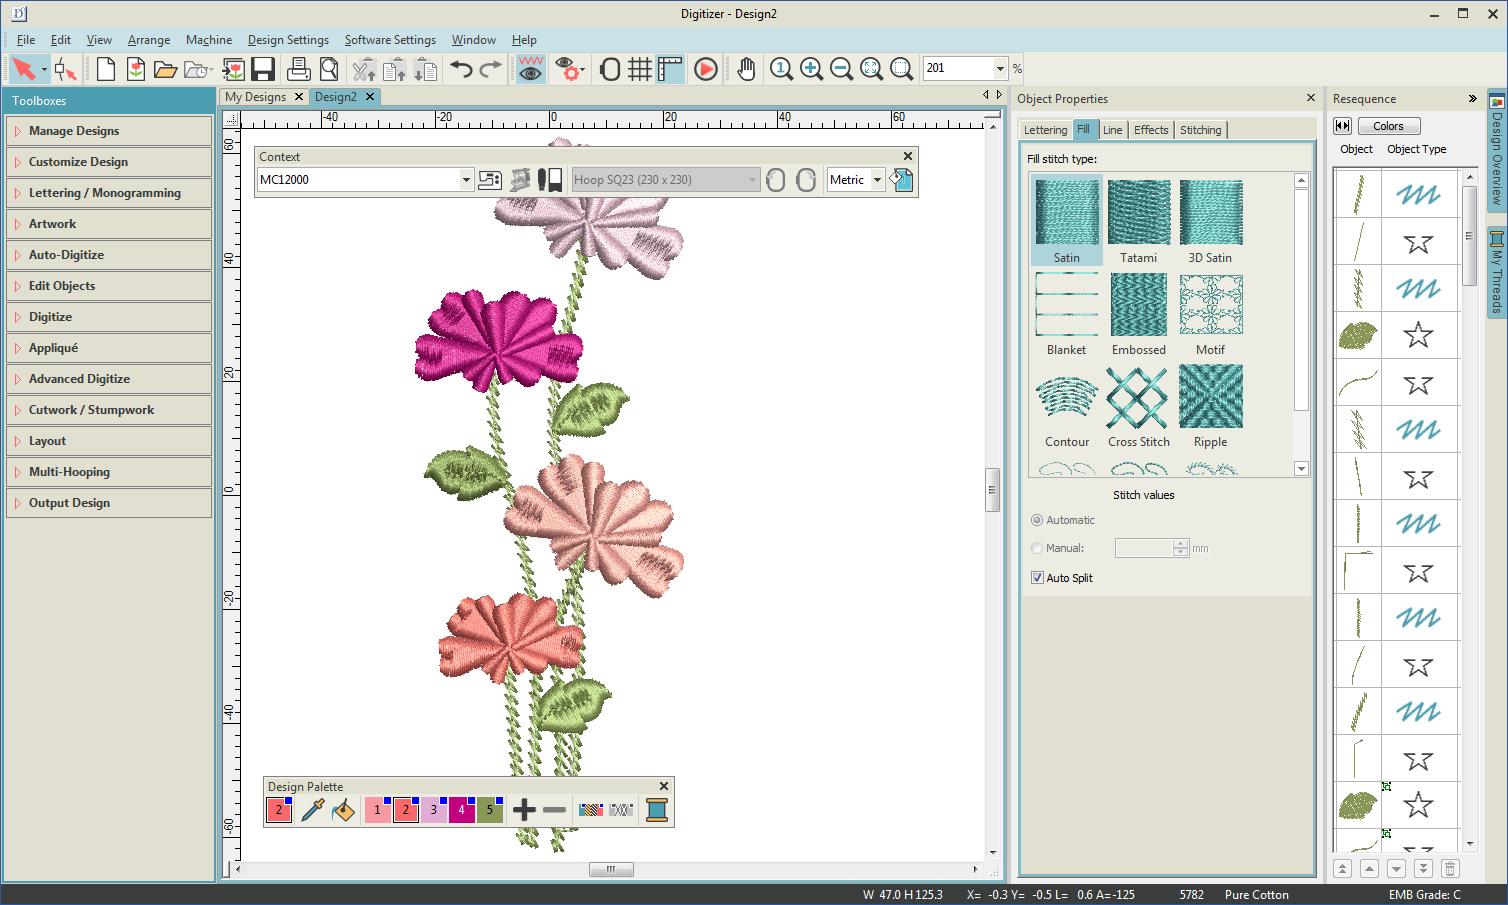 La interfaz de usuario - Digitizer V5